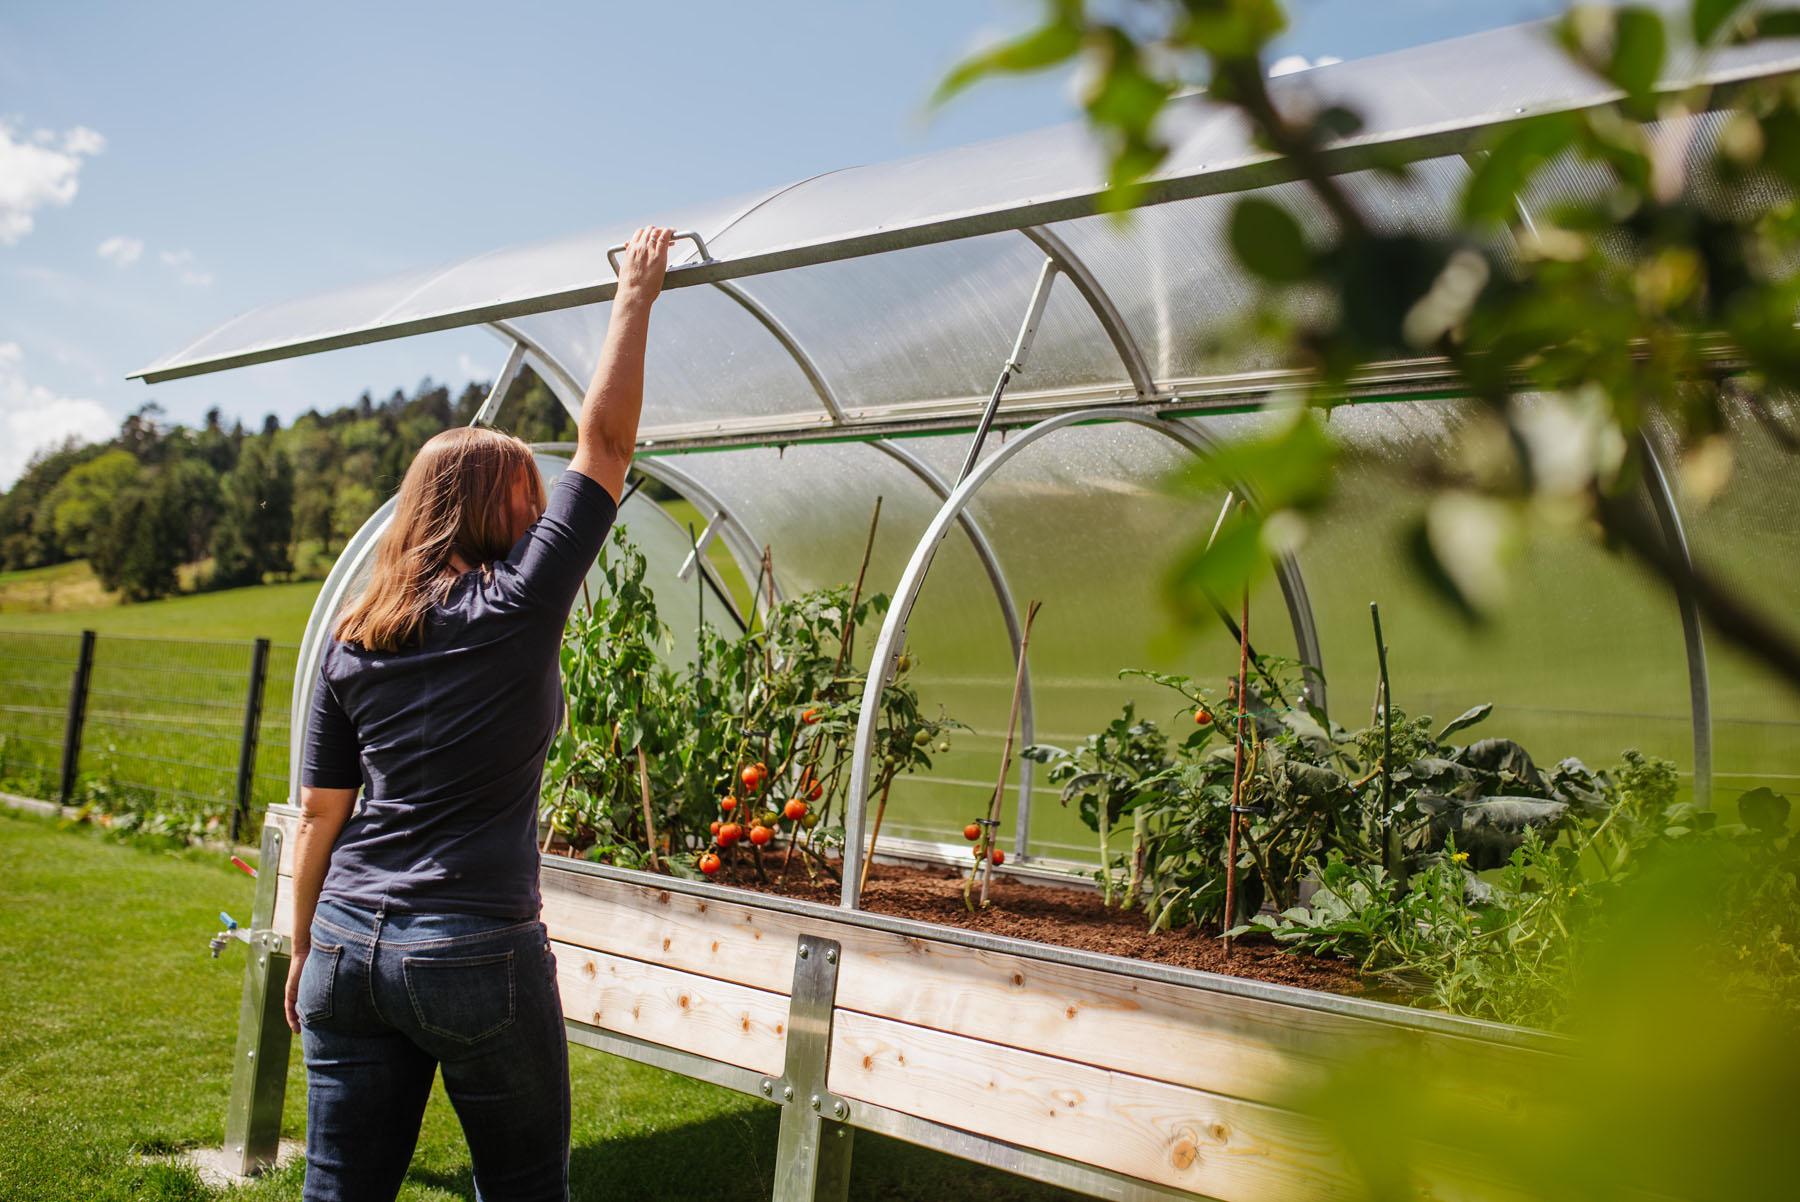 Hochbeet Abdeckung: So verlängern Sie das Gartenjahr